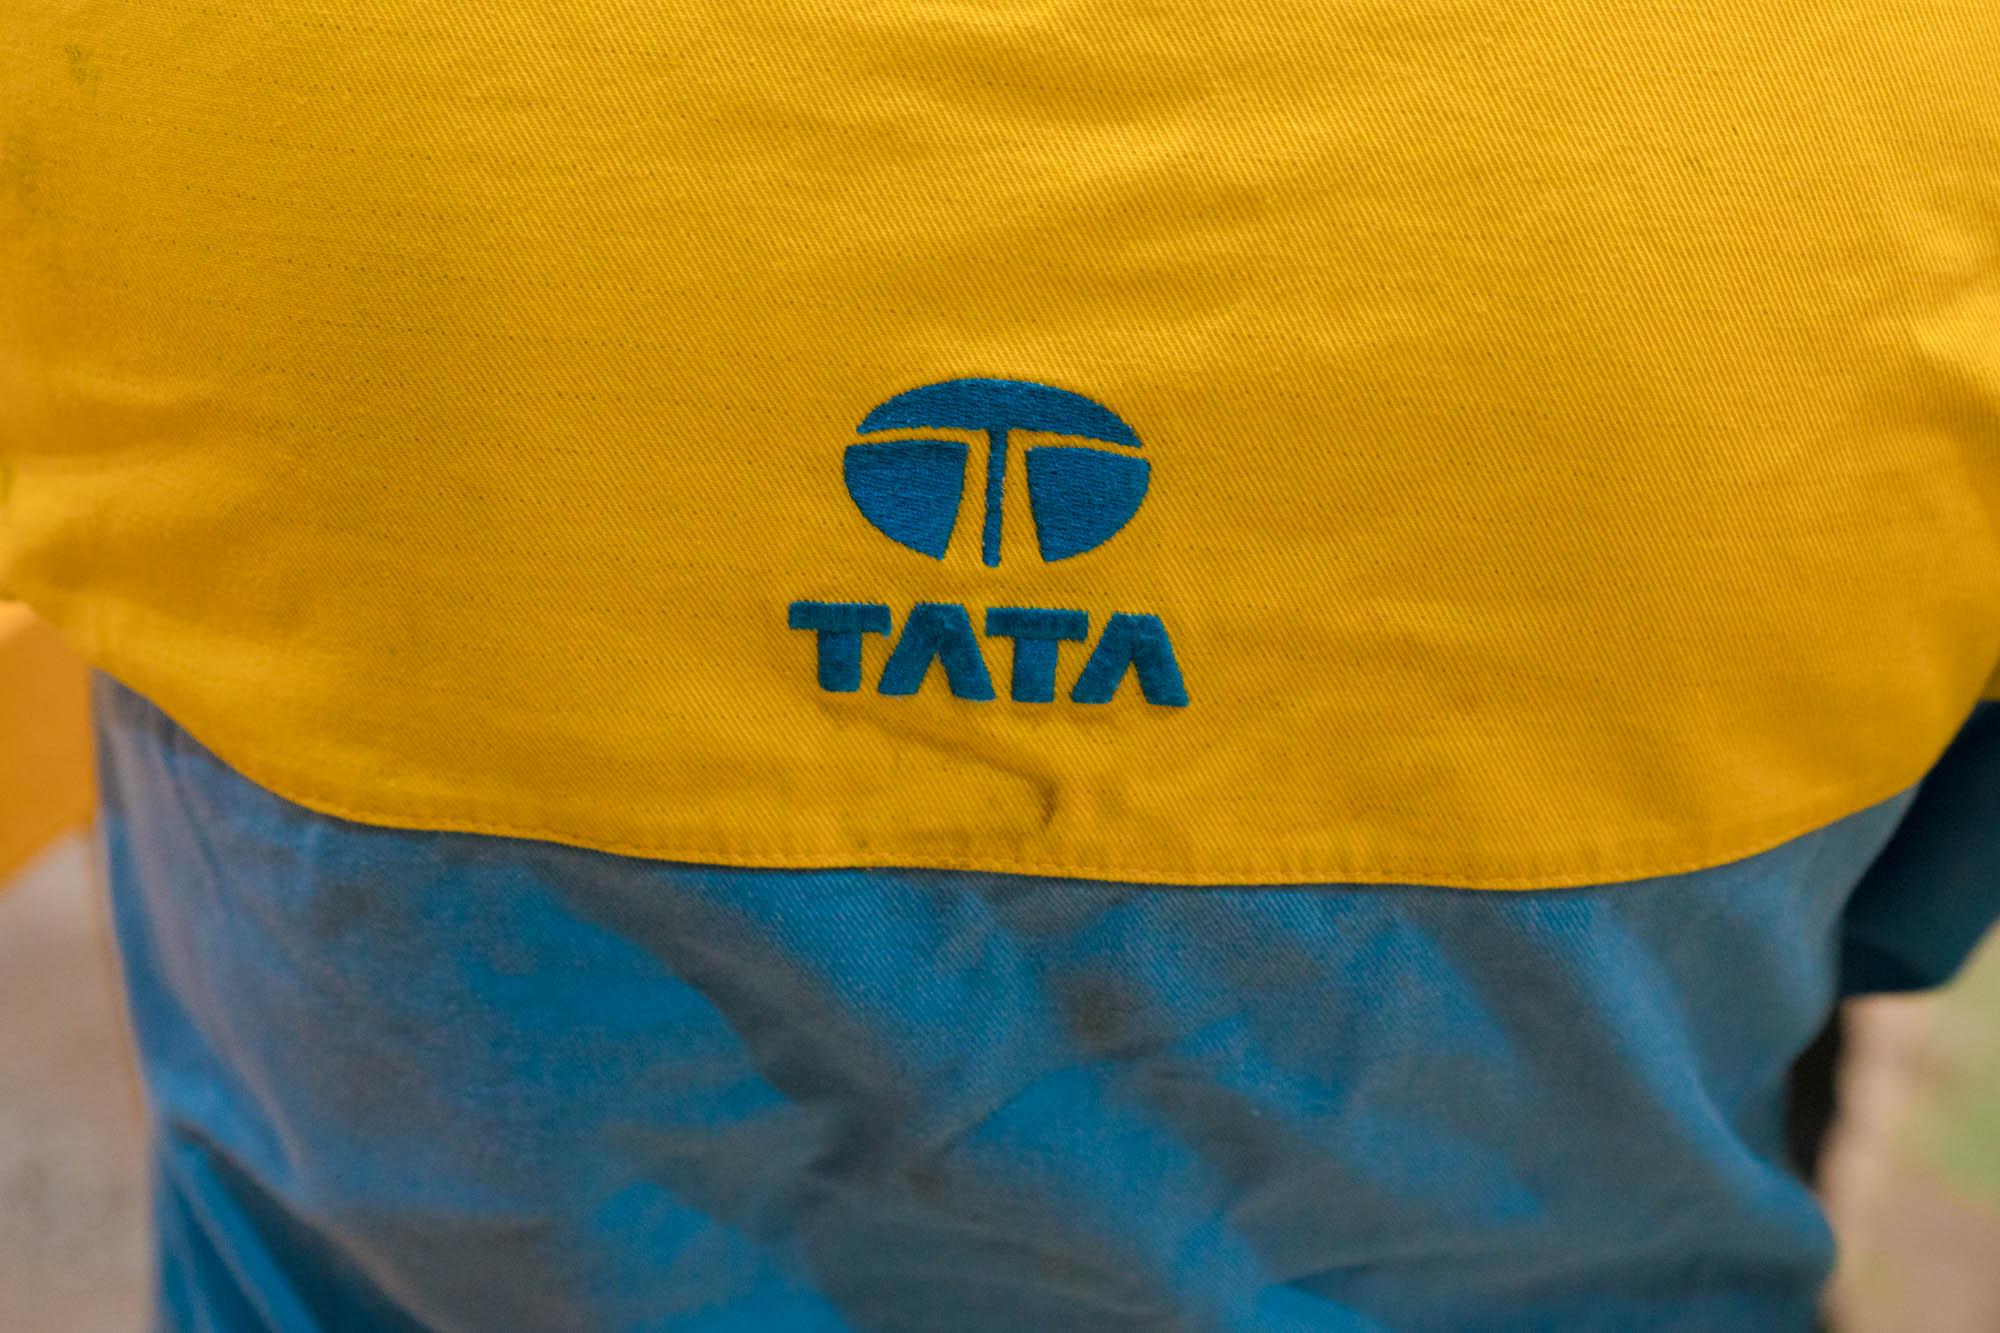 Tata Uniform Steel worker